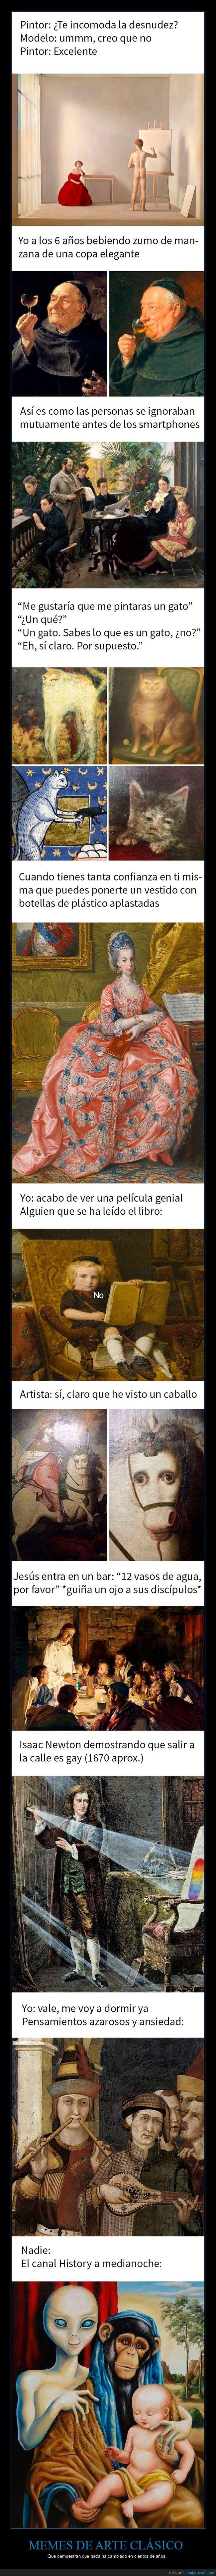 historia del arte,memes